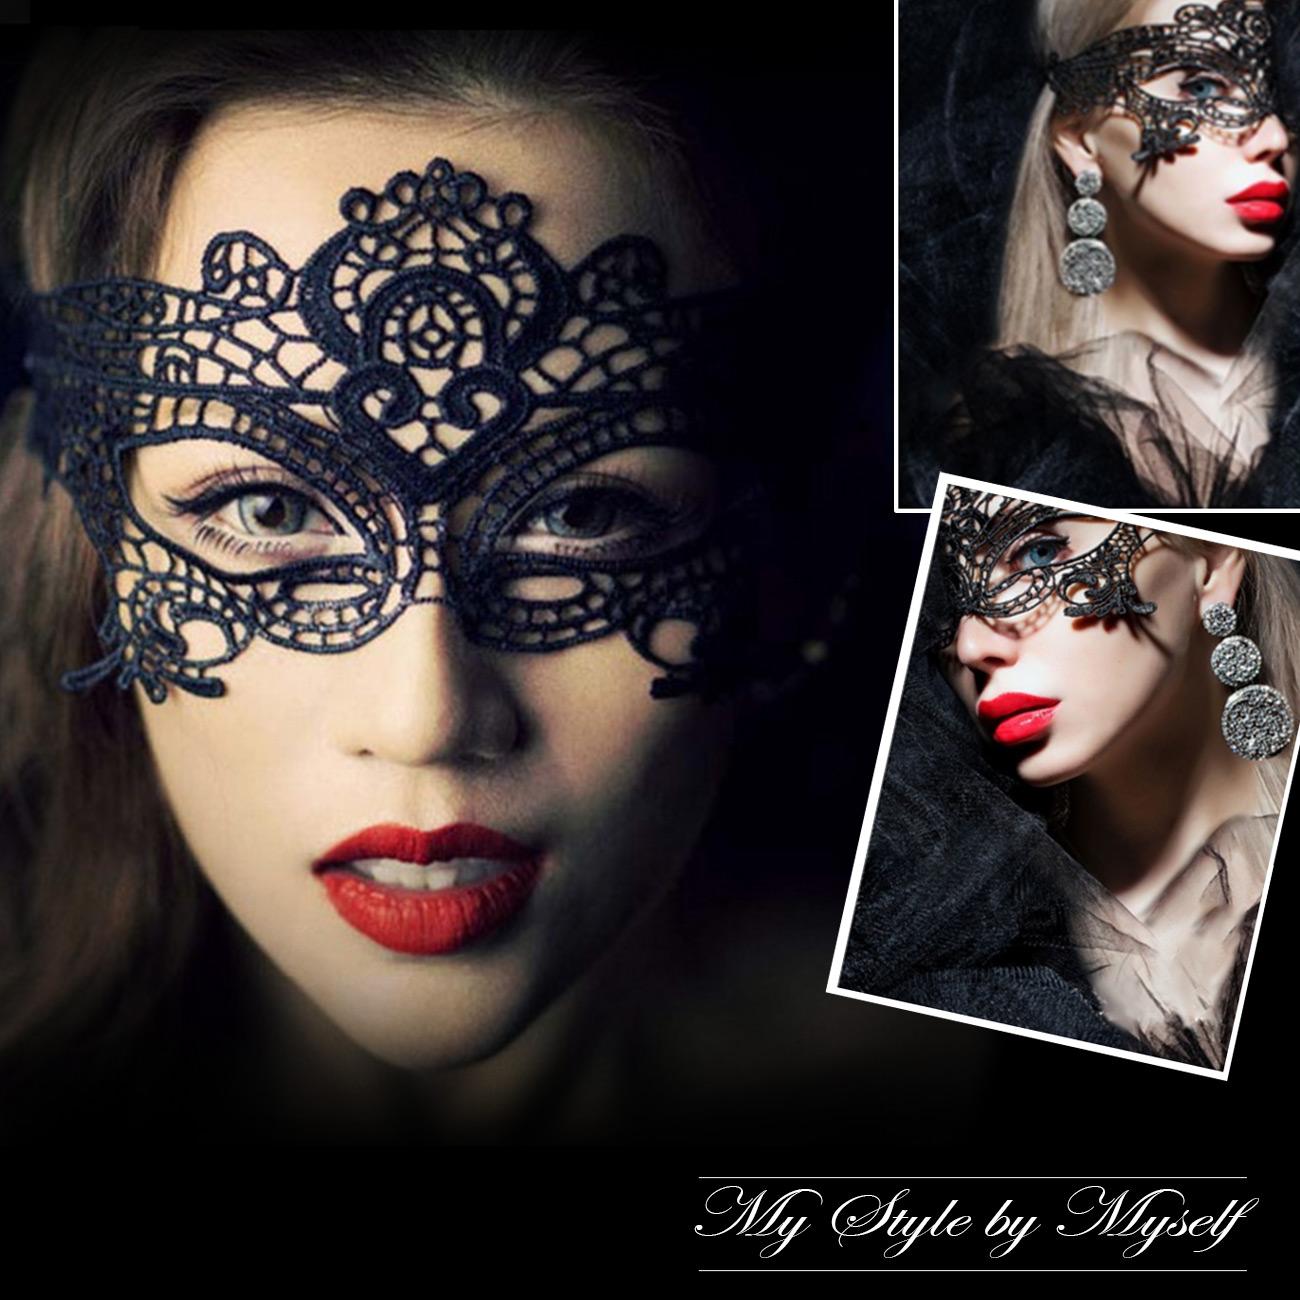 女王面具眼罩 性感蕾絲 鏤空黑色 夜店時尚 角色扮演 情趣 睡衣 內衣 配件 GE0099